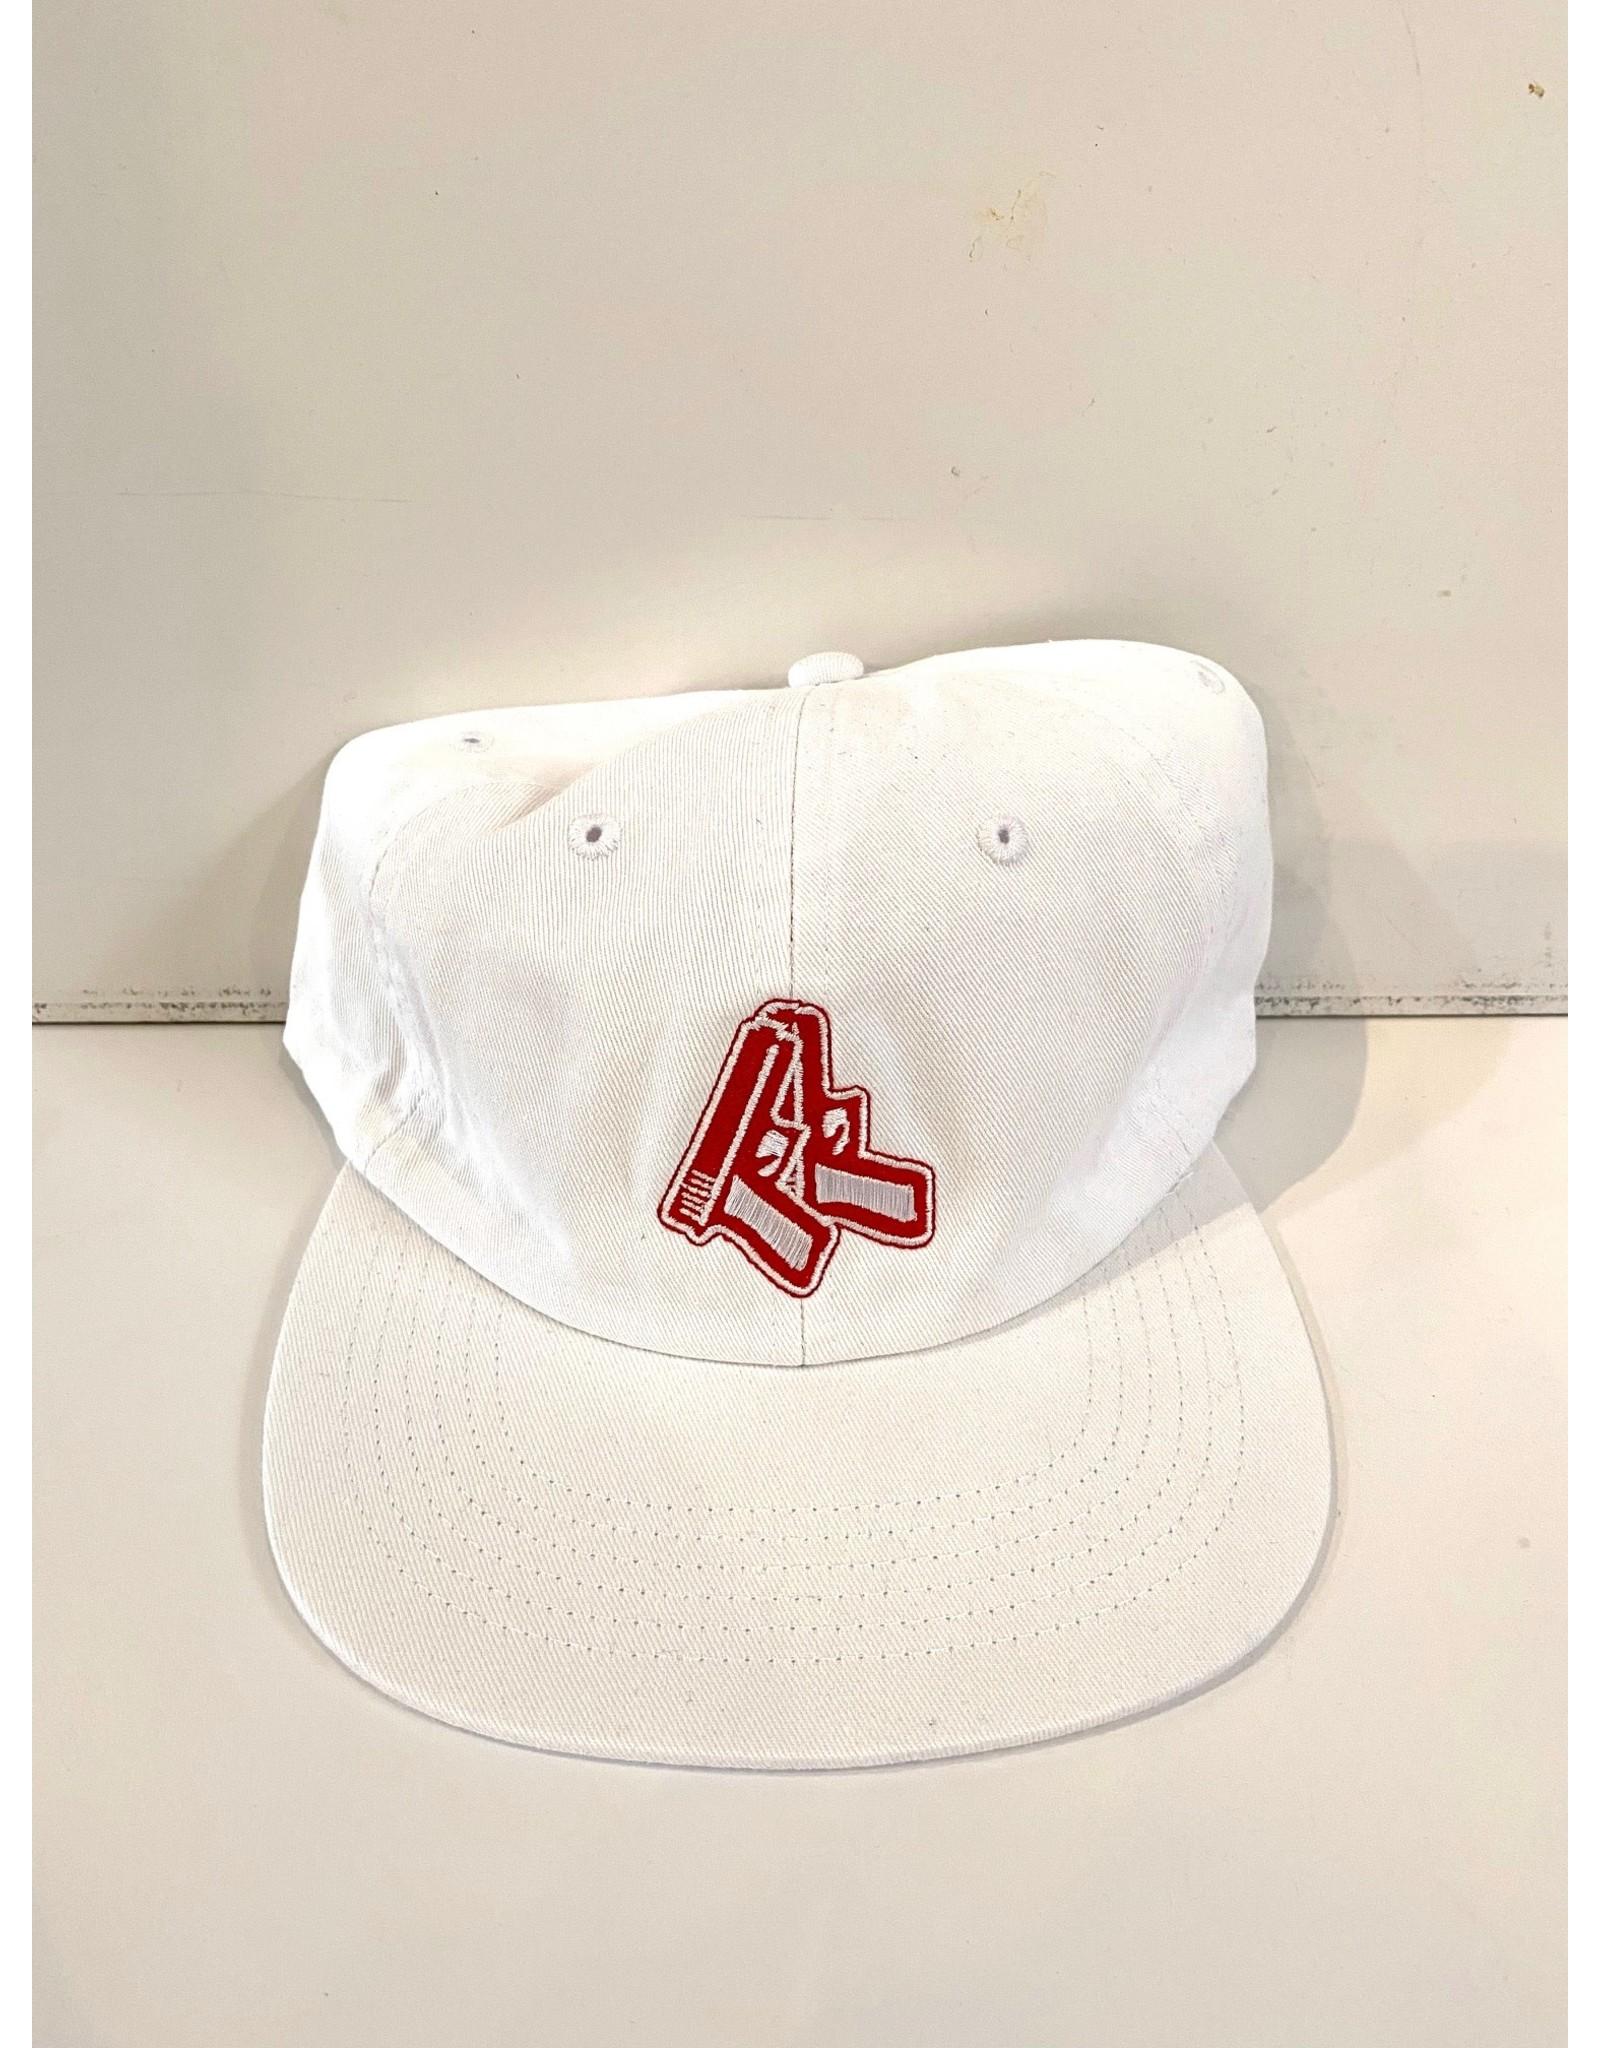 GARDEN GARDEN RED GLOX UNSTRUCTURED HAT CLIPBACK WHITE